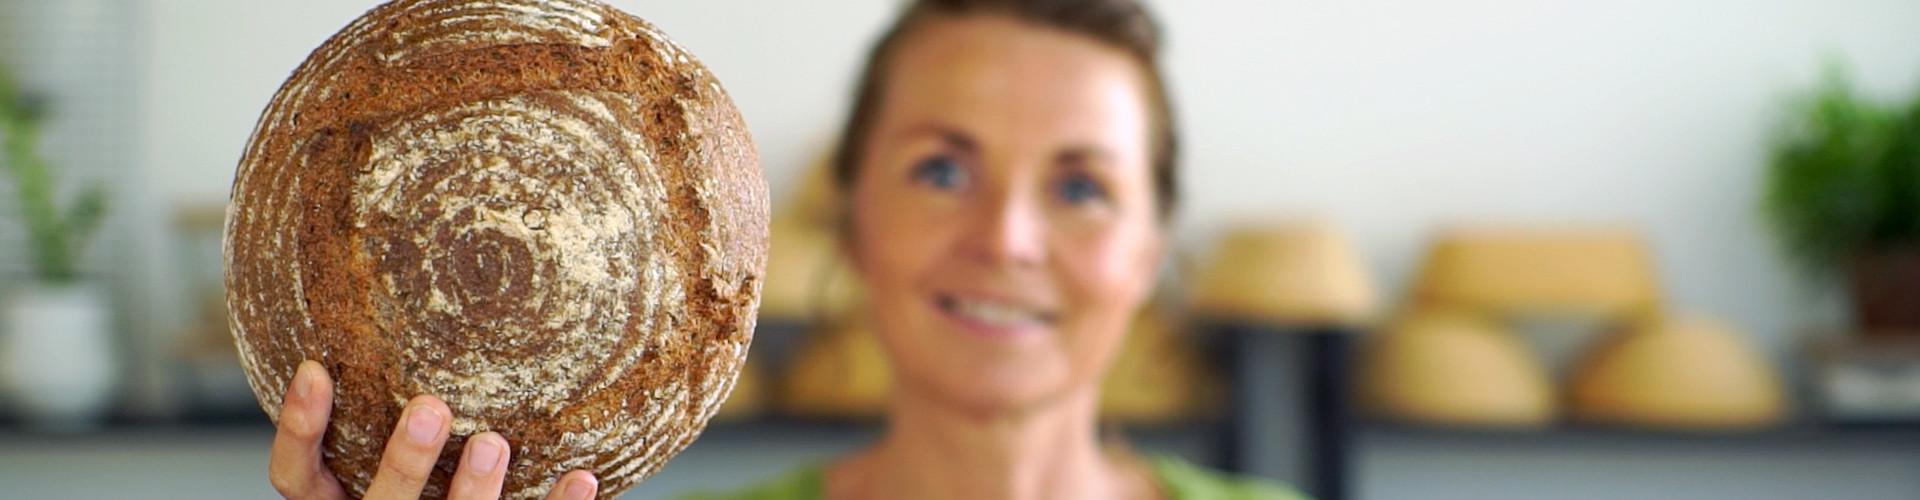 Marije met een volkorenbrood